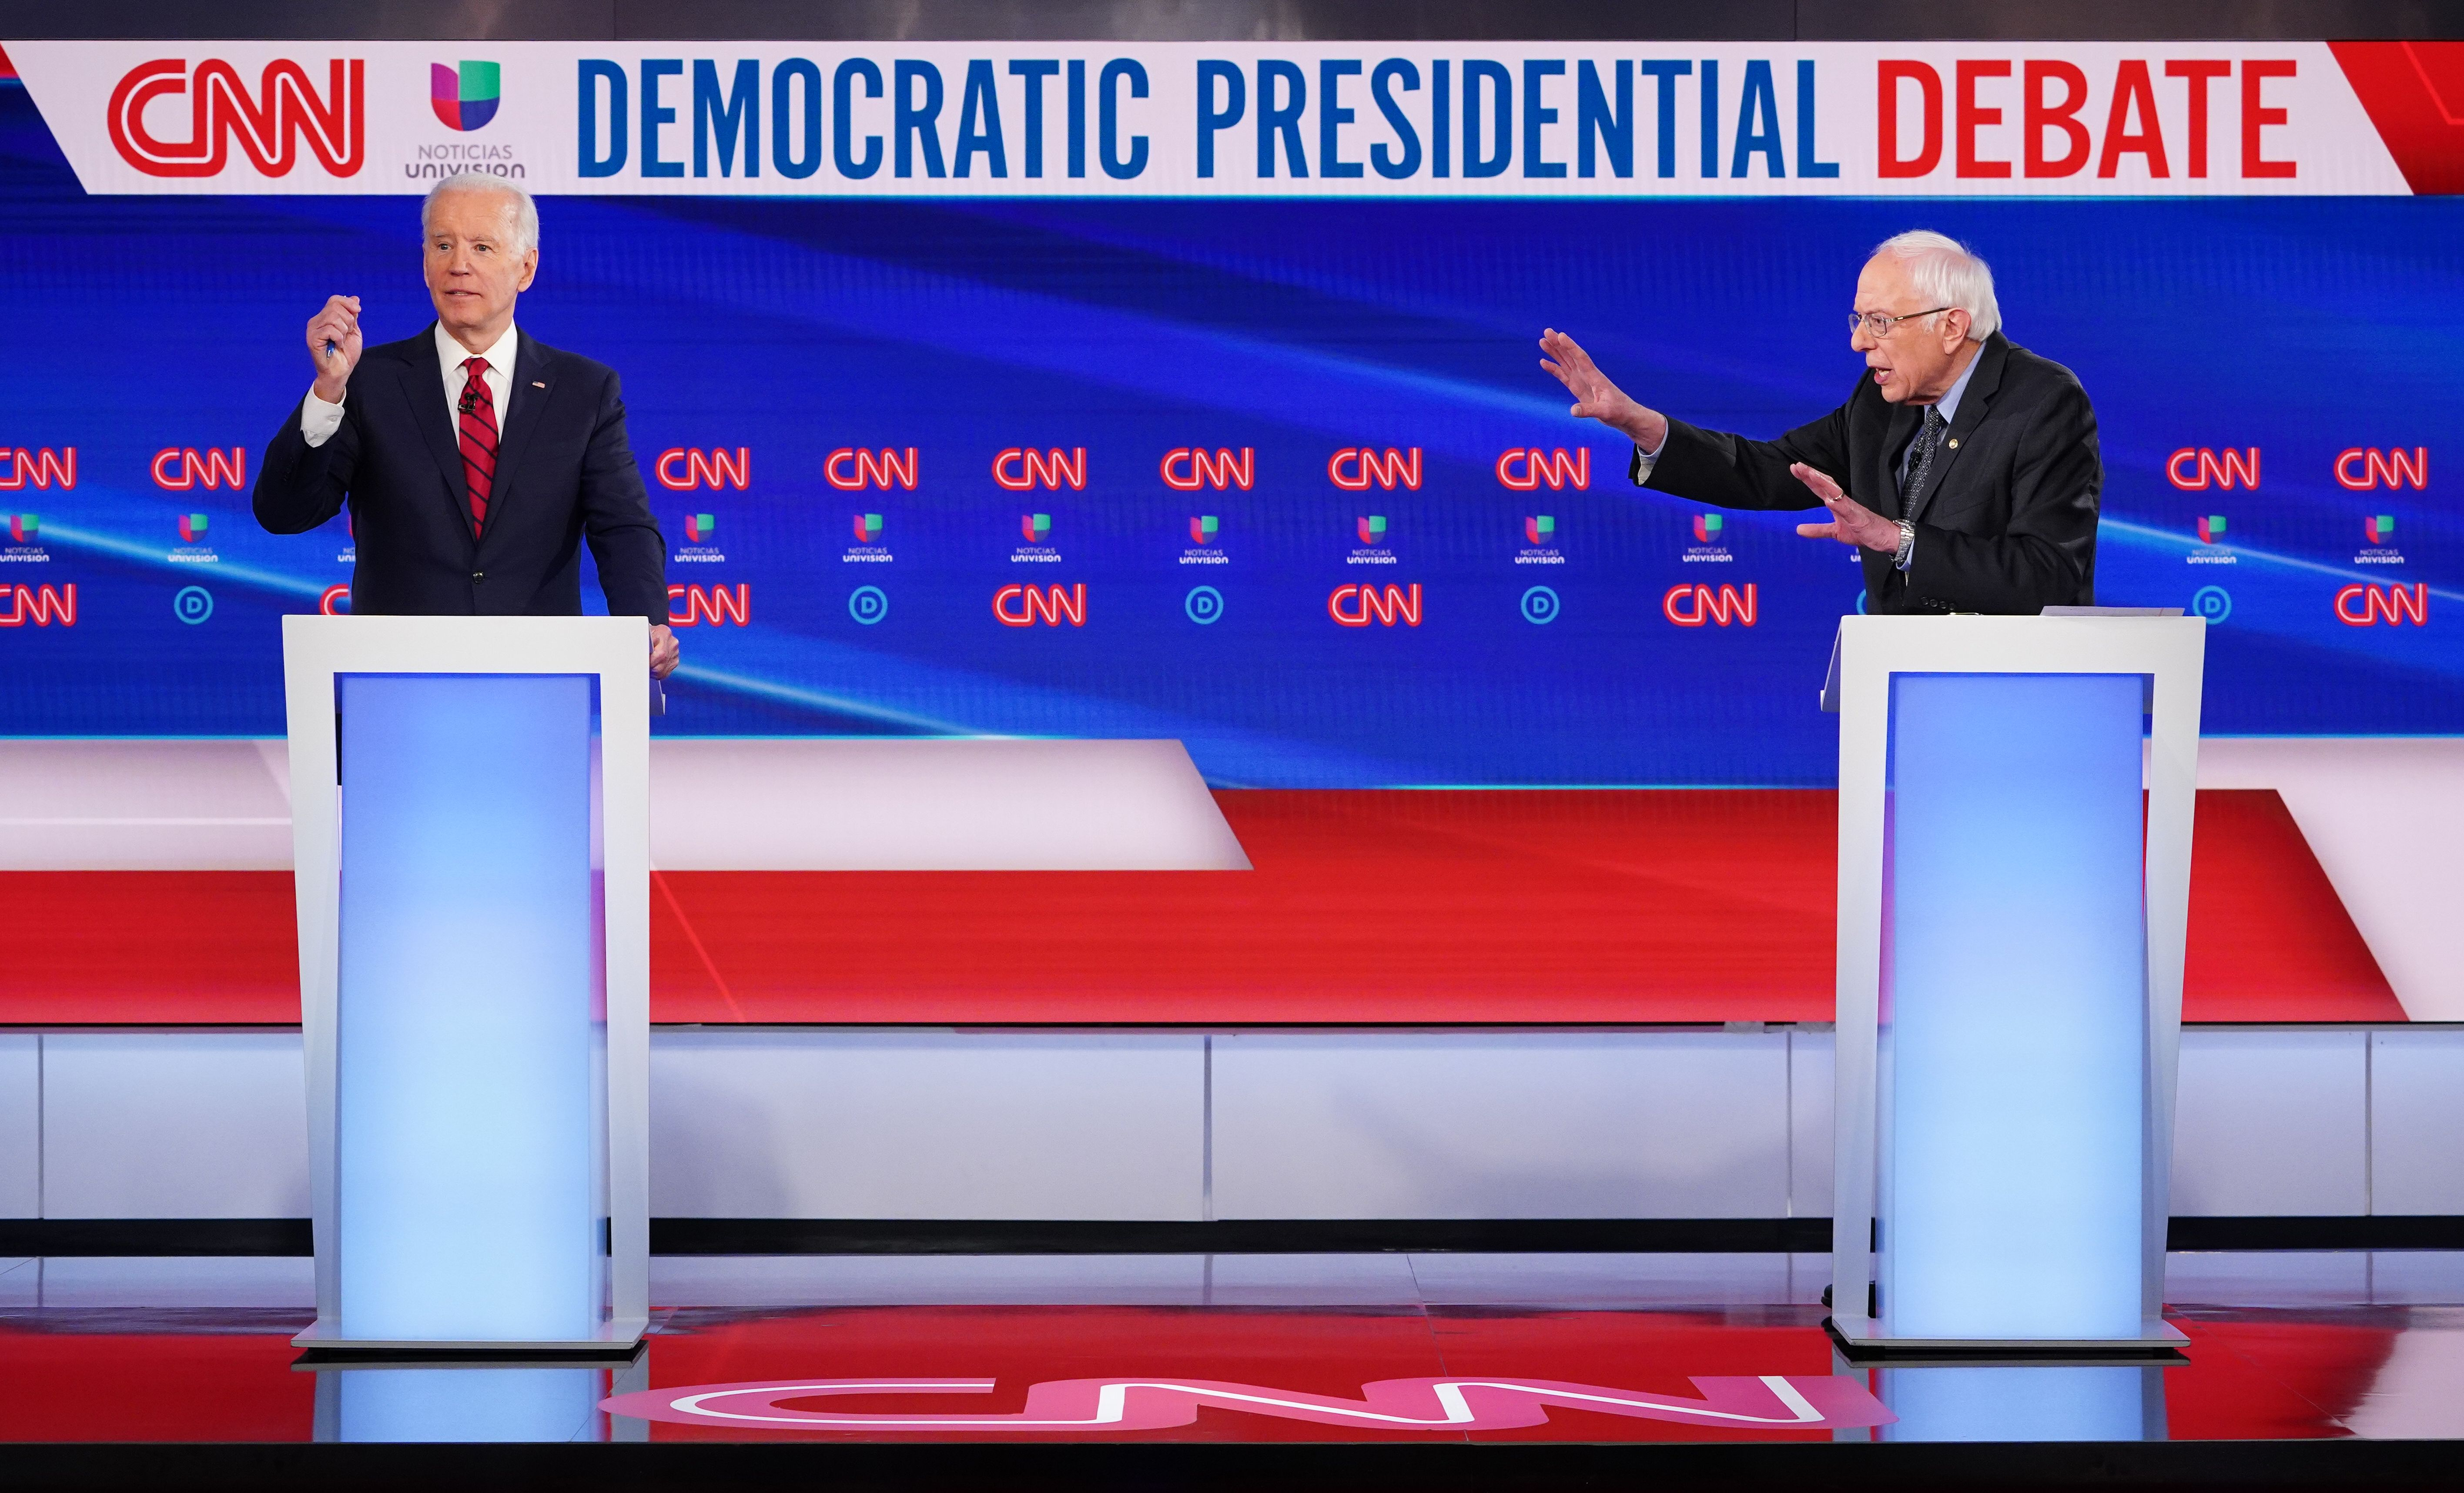 Big Takeaways From the Biden-Sanders Debate